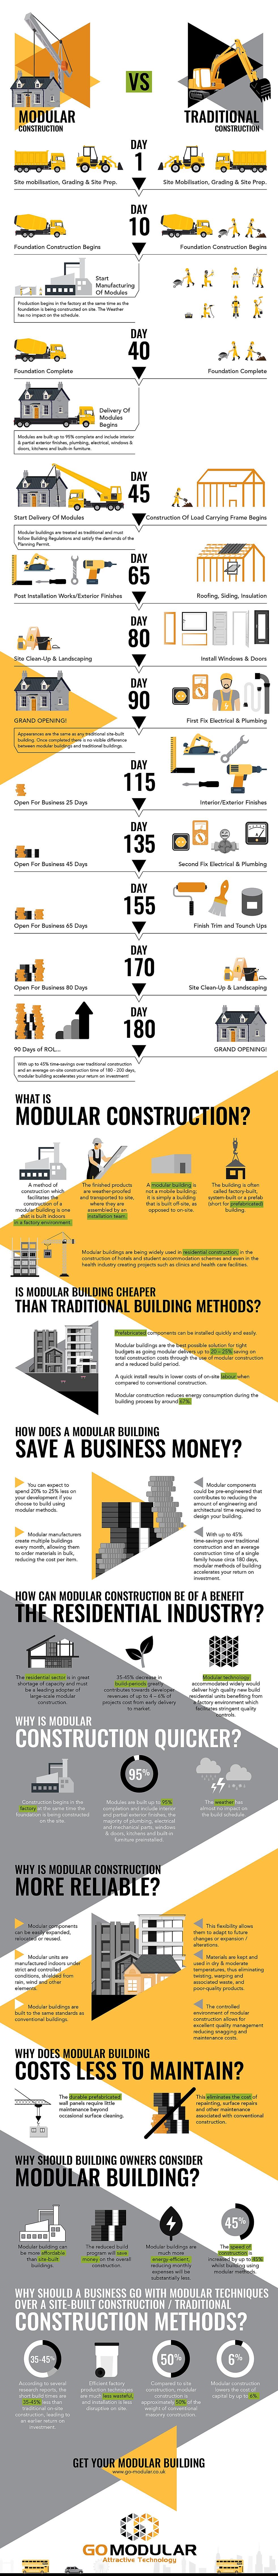 """<img src=""""modular construction vs tradicional"""" alt=""""Iconographic GO MODULAR vs tradicional"""">"""